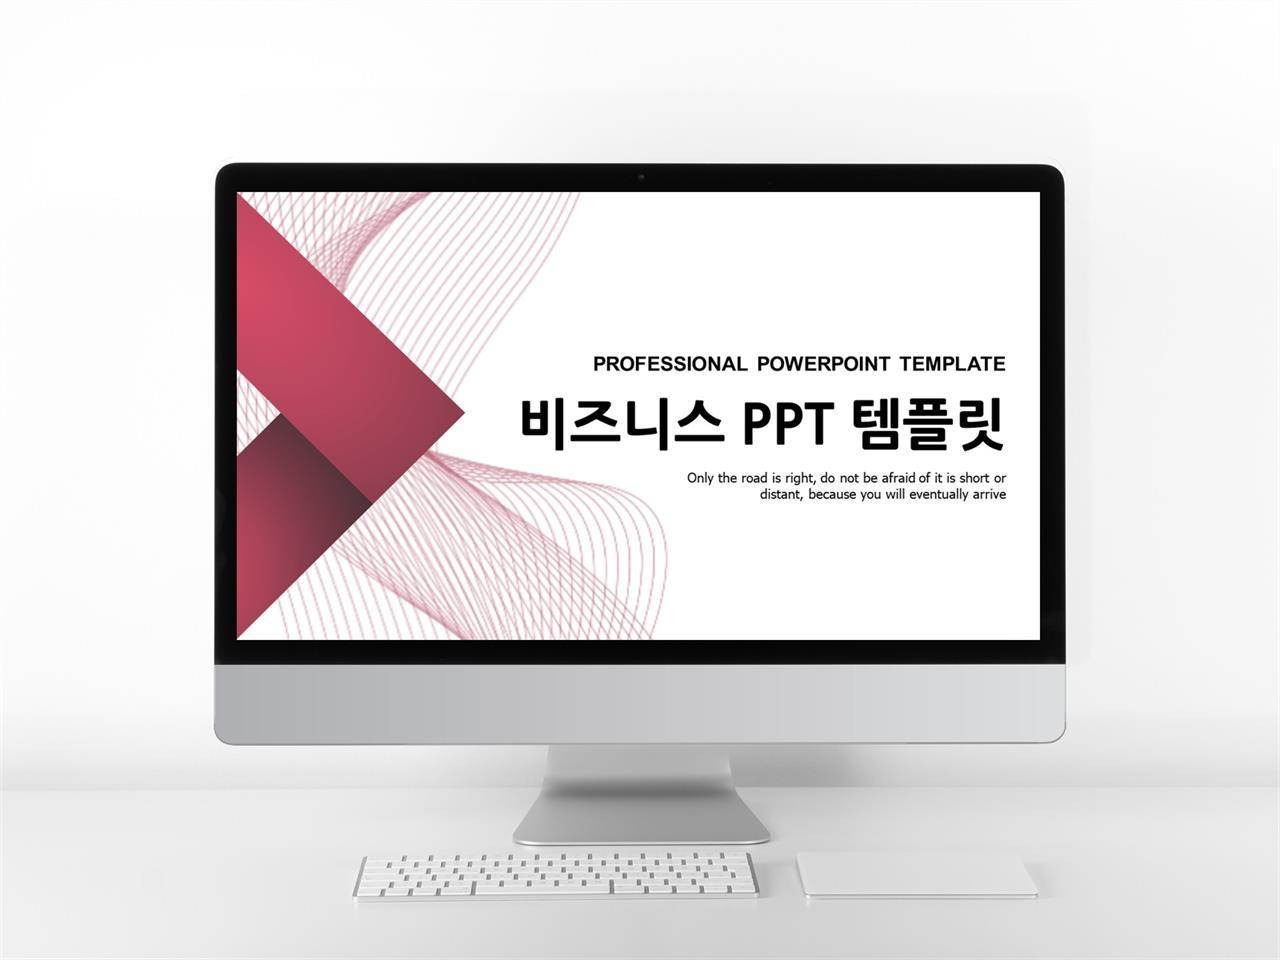 사업융자 빨간색 폼나는 고퀄리티 PPT샘플 제작 미리보기